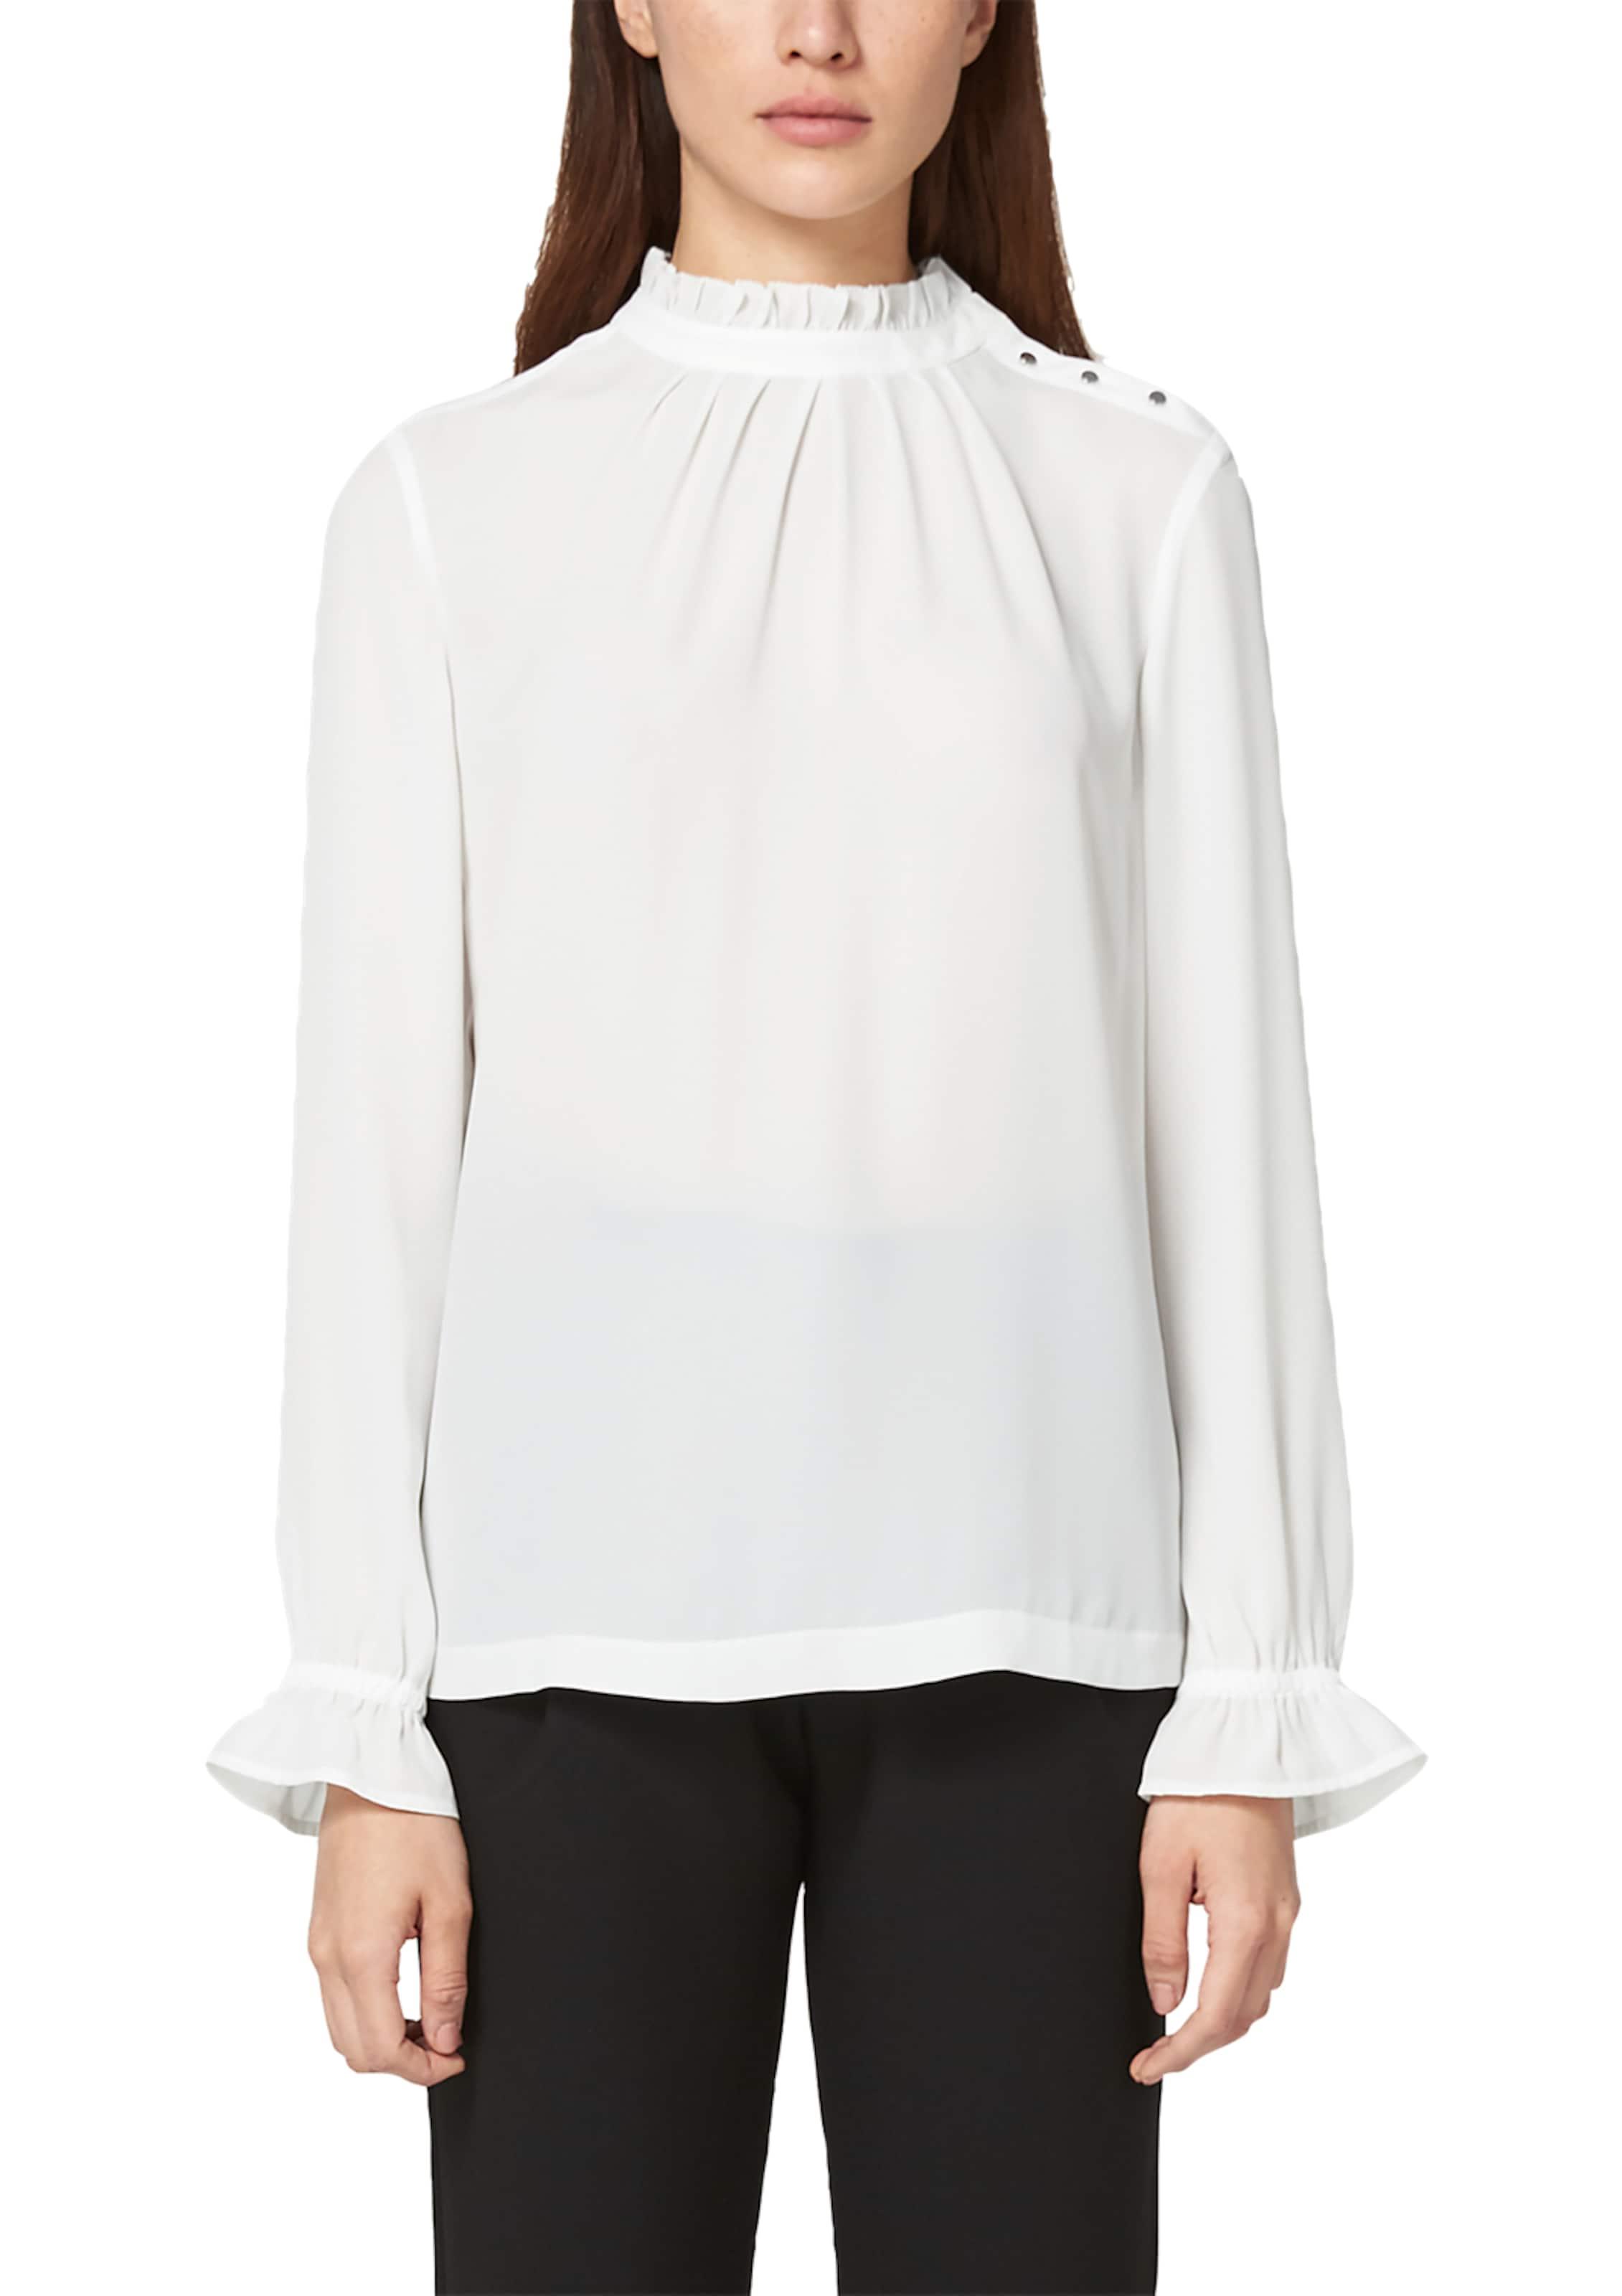 Label oliver Bluse S In Weiß Black b7gyYf6